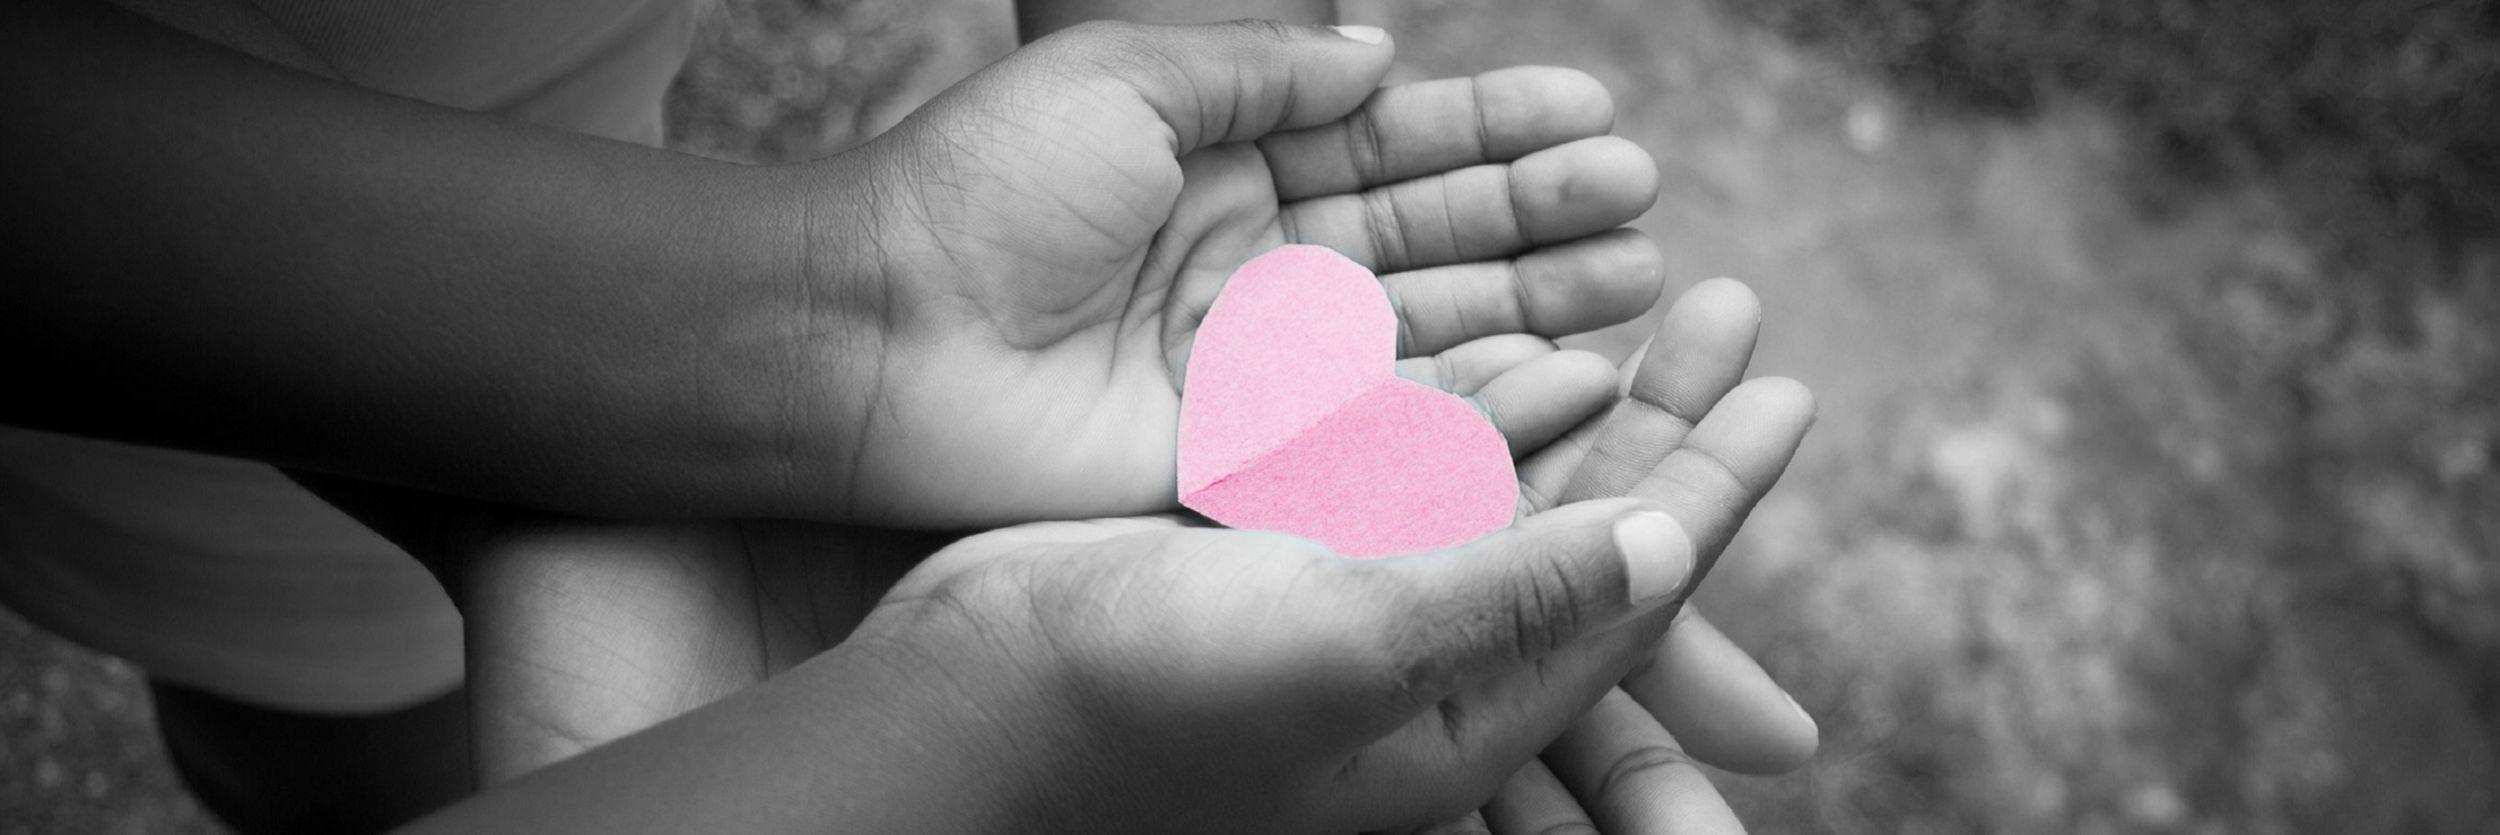 mani che sostengono un cuore di carta